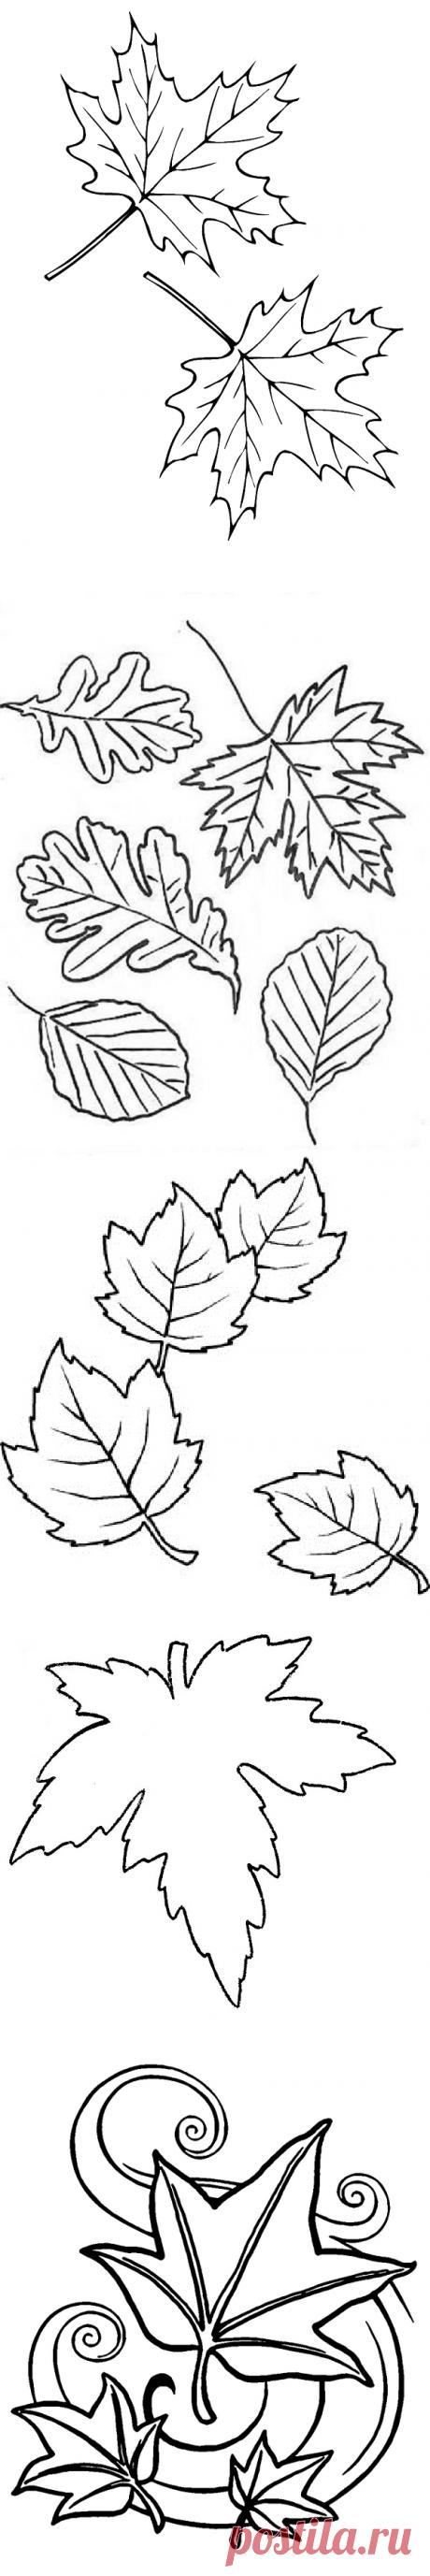 Трафарет Осенние листья   Мастер классы   рукоделие, декор, полимерная глина, плетение, вышивание